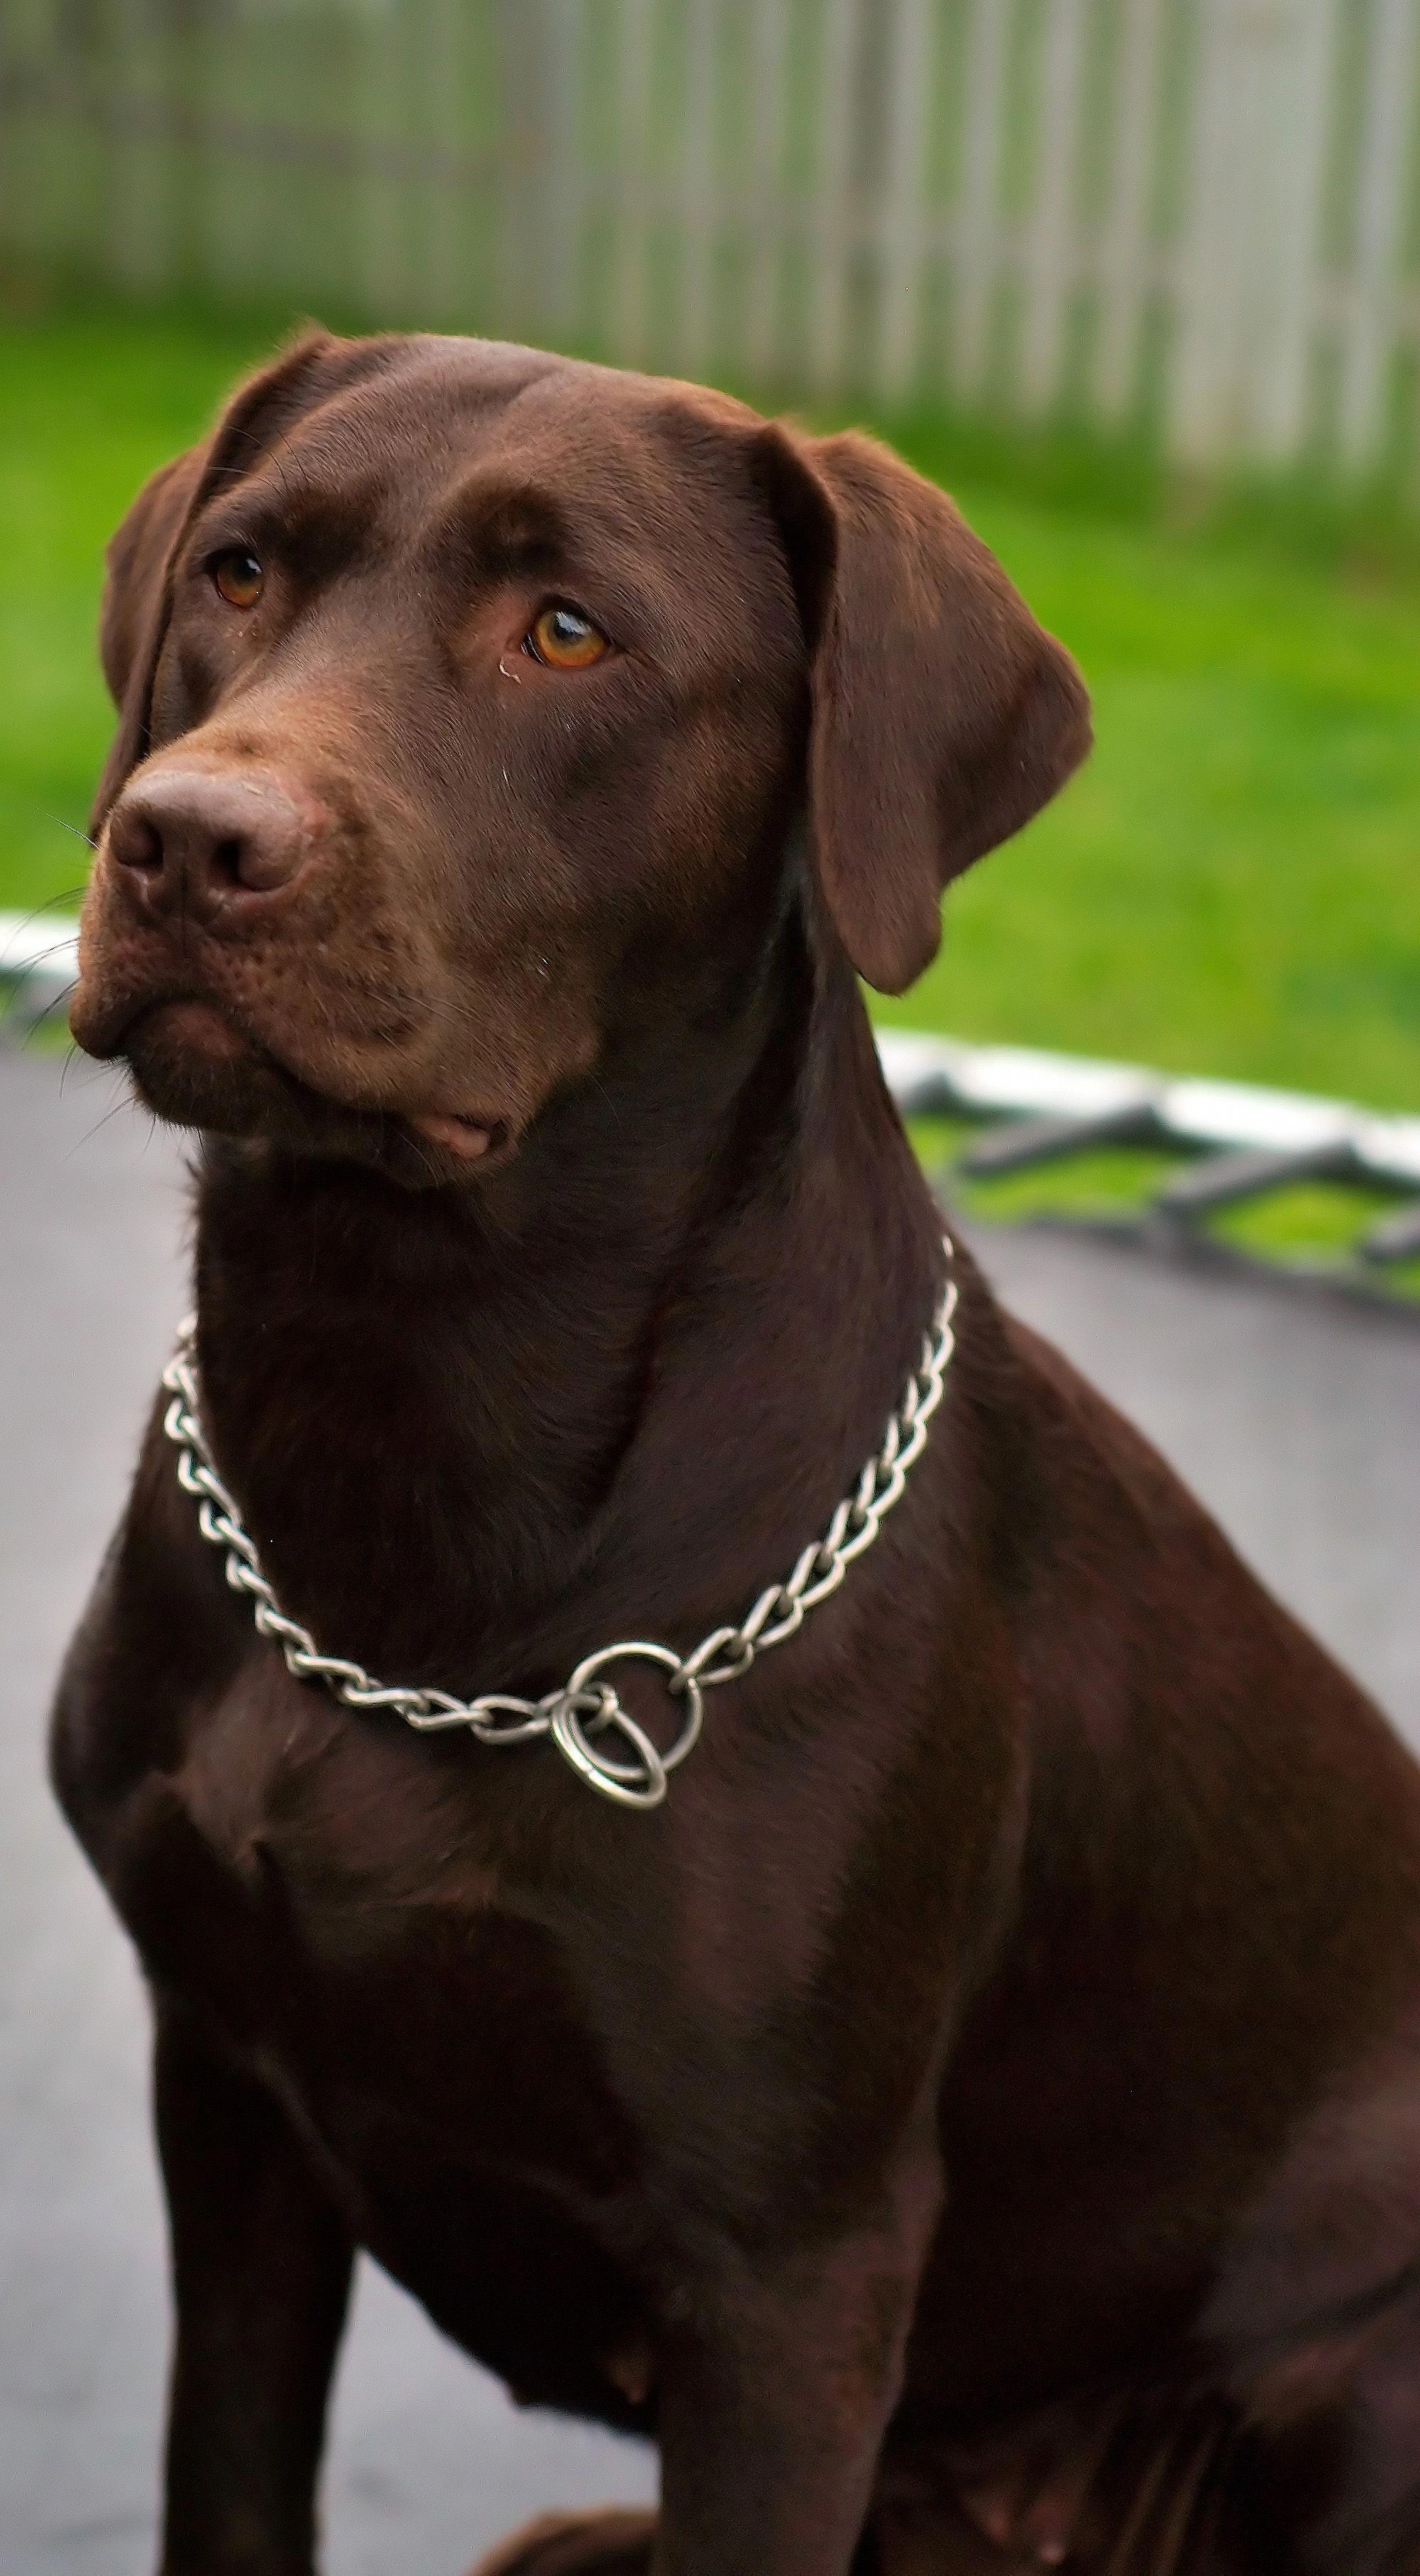 Dashing Dogs That Dont Shed Dogoftheday Dogsaccessoriestravel Labrador Dog Labrador Retriever Chocolate Labrador Retriever